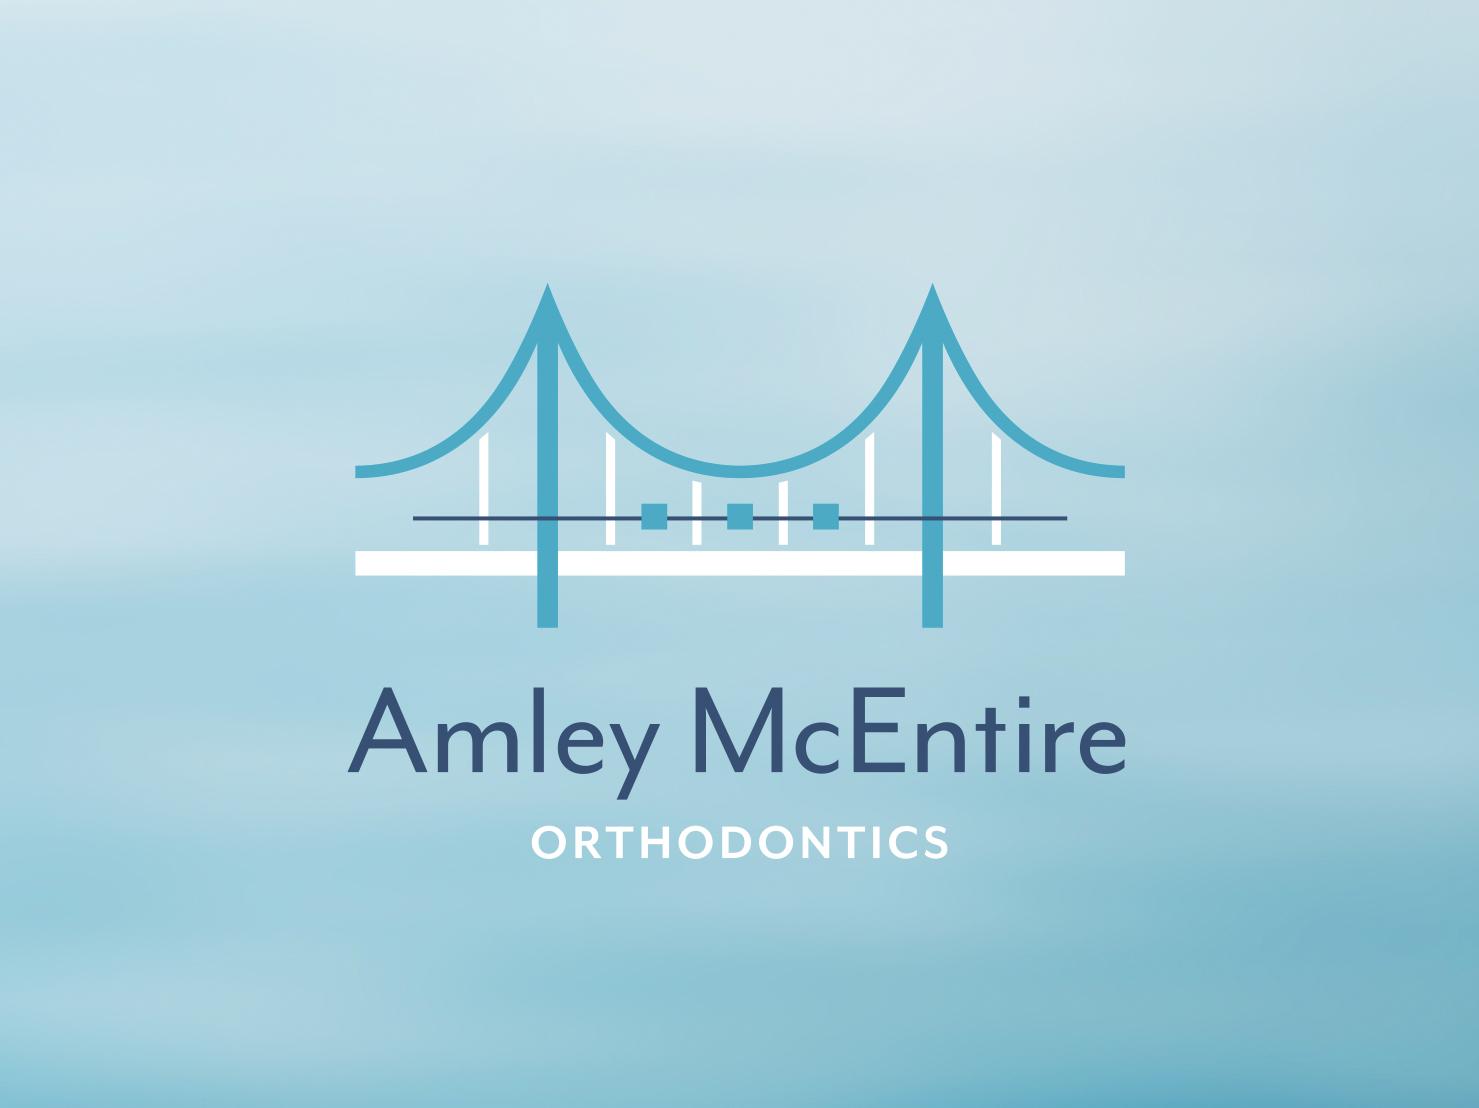 Logo-Design-Images_2019_Horizontals_AmleyMcEntire.jpg